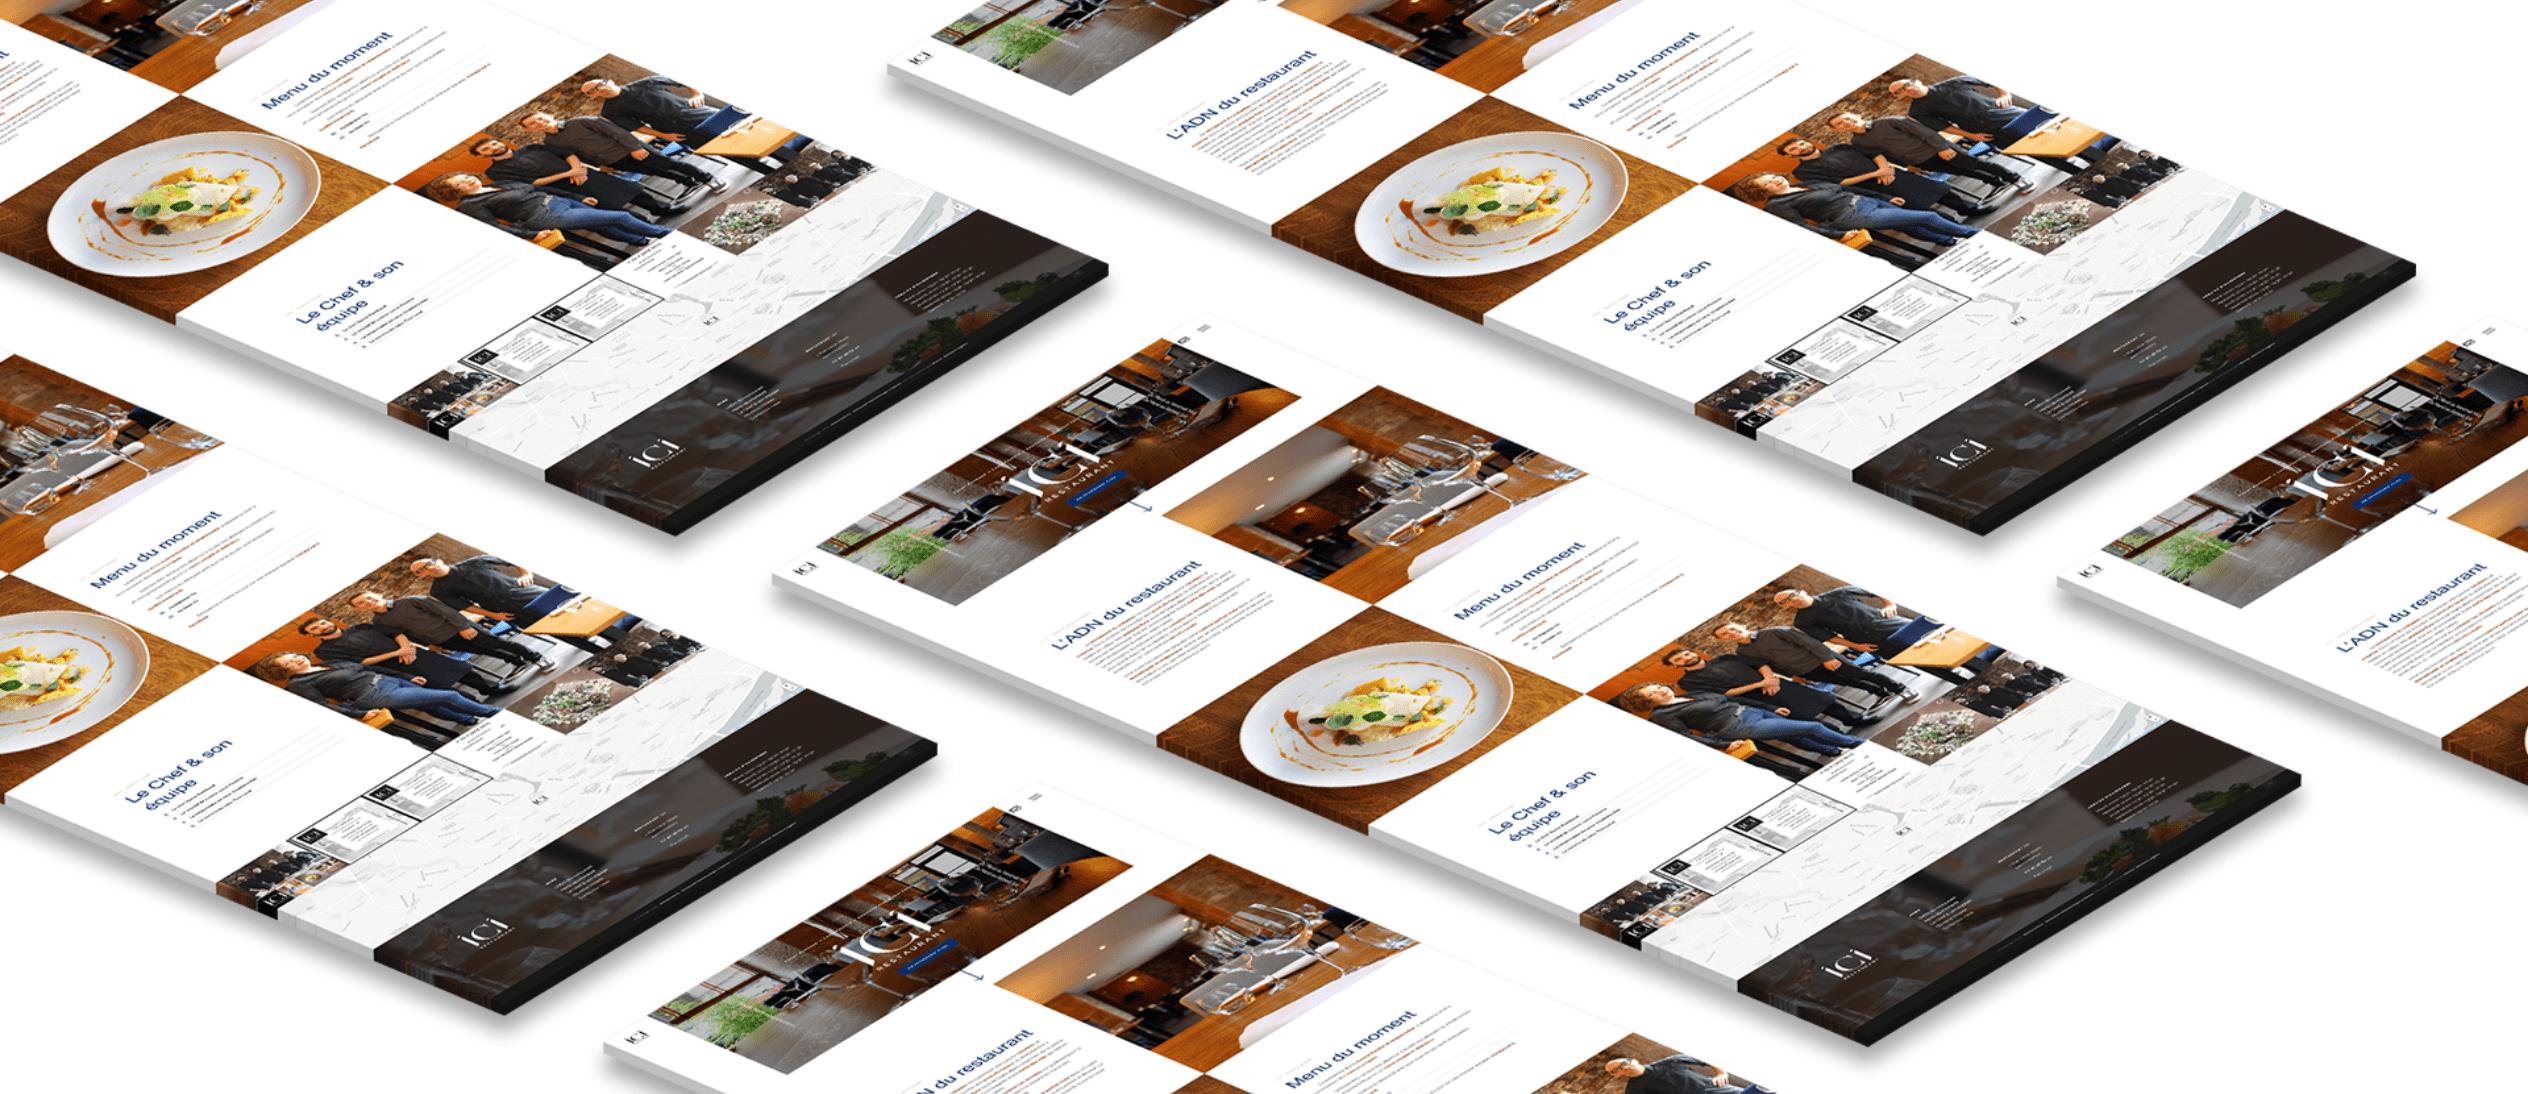 Restaurant ICI 1 - Arnaud Le Roux - Directeur Artistique Digital & Développeur Front-End